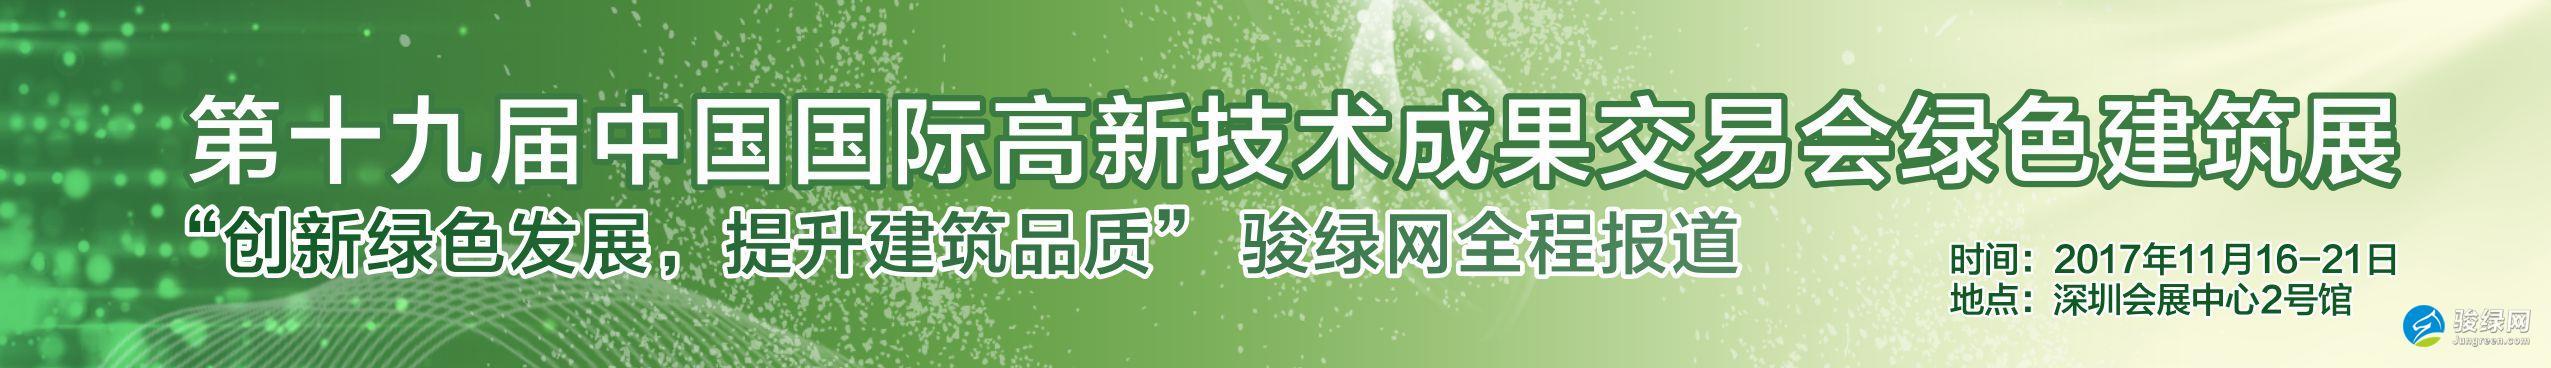 骏绿网-绿色建筑新视界